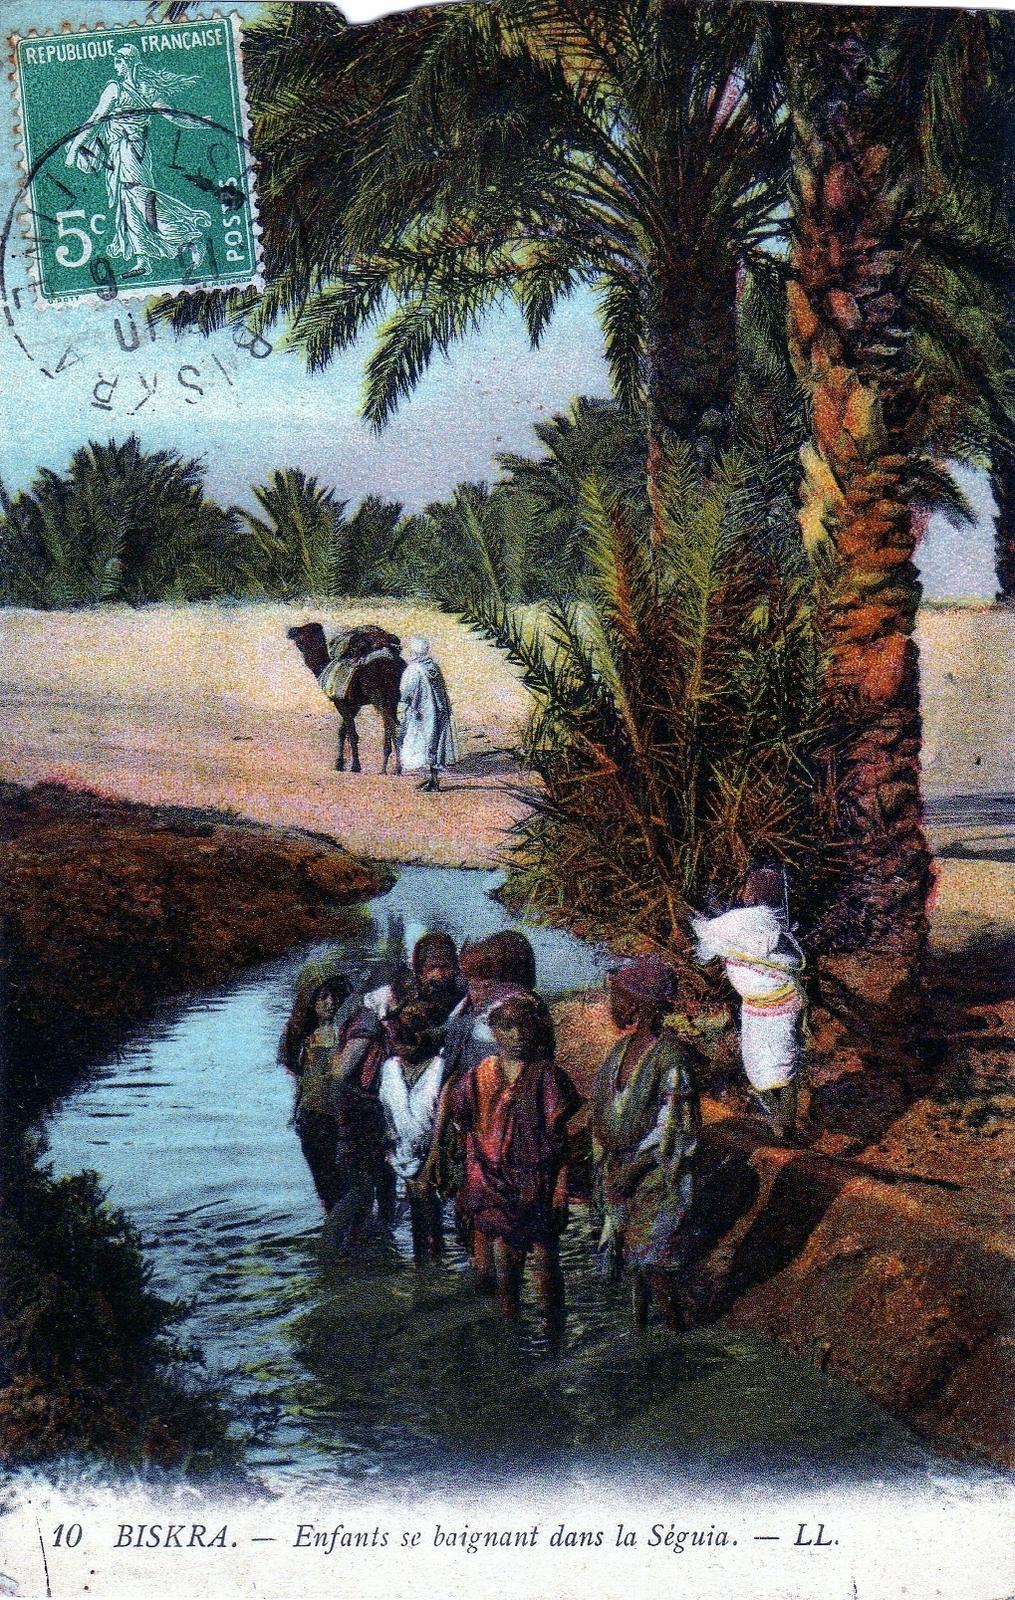 Biskra -  enfants se baignant dans la Séguia